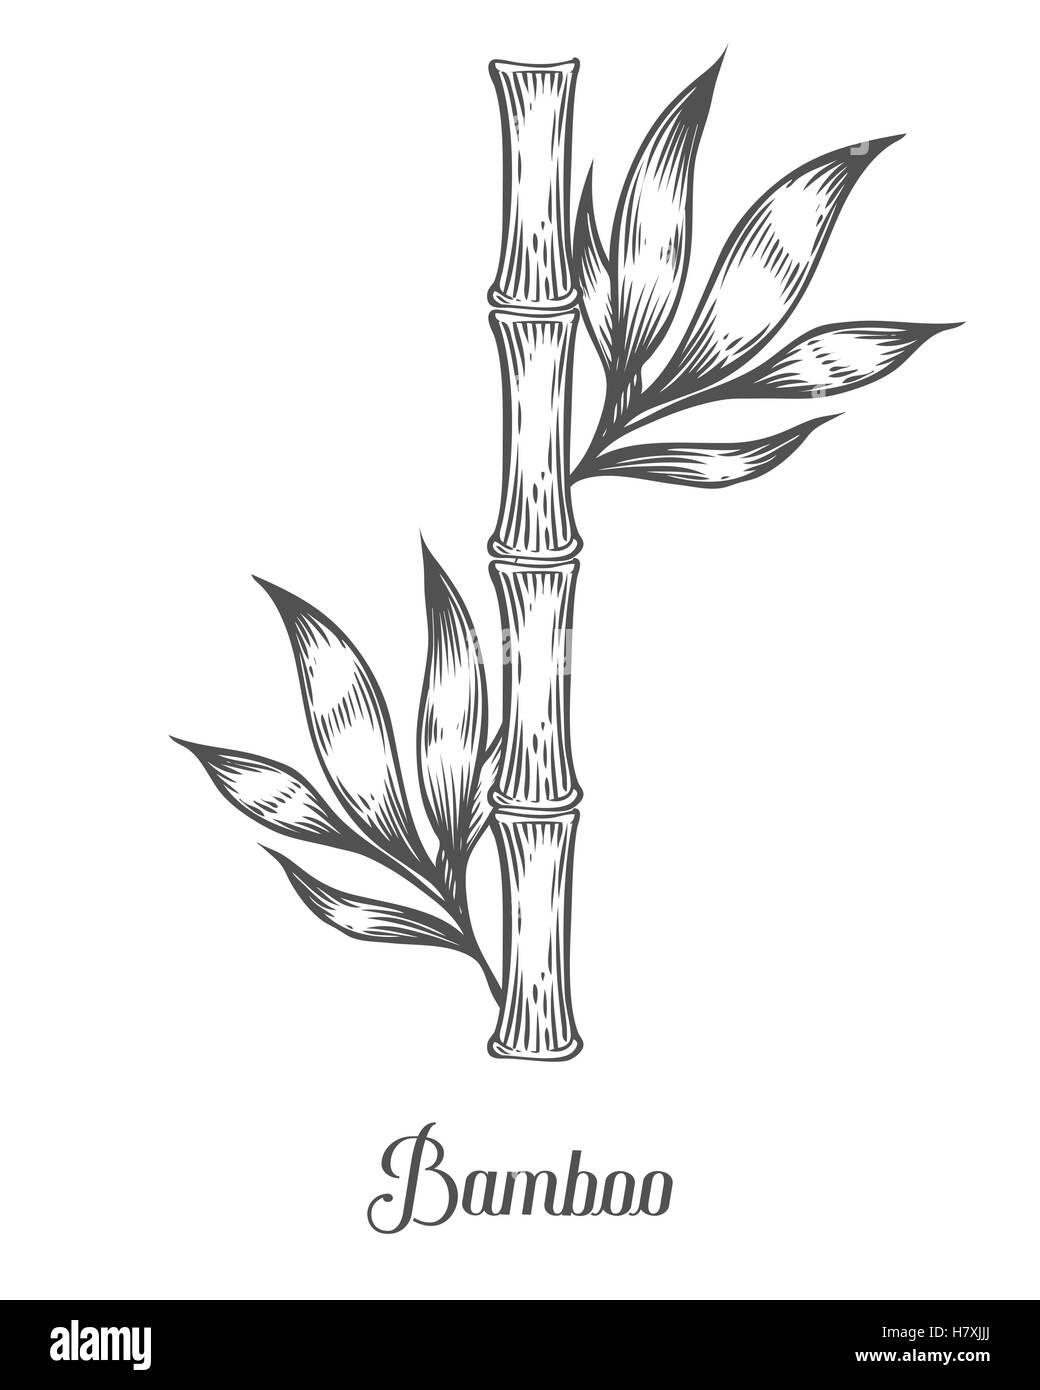 Bambuszweigen Stiel Und Blatt Vektorgrafik Hand Gezeichnet